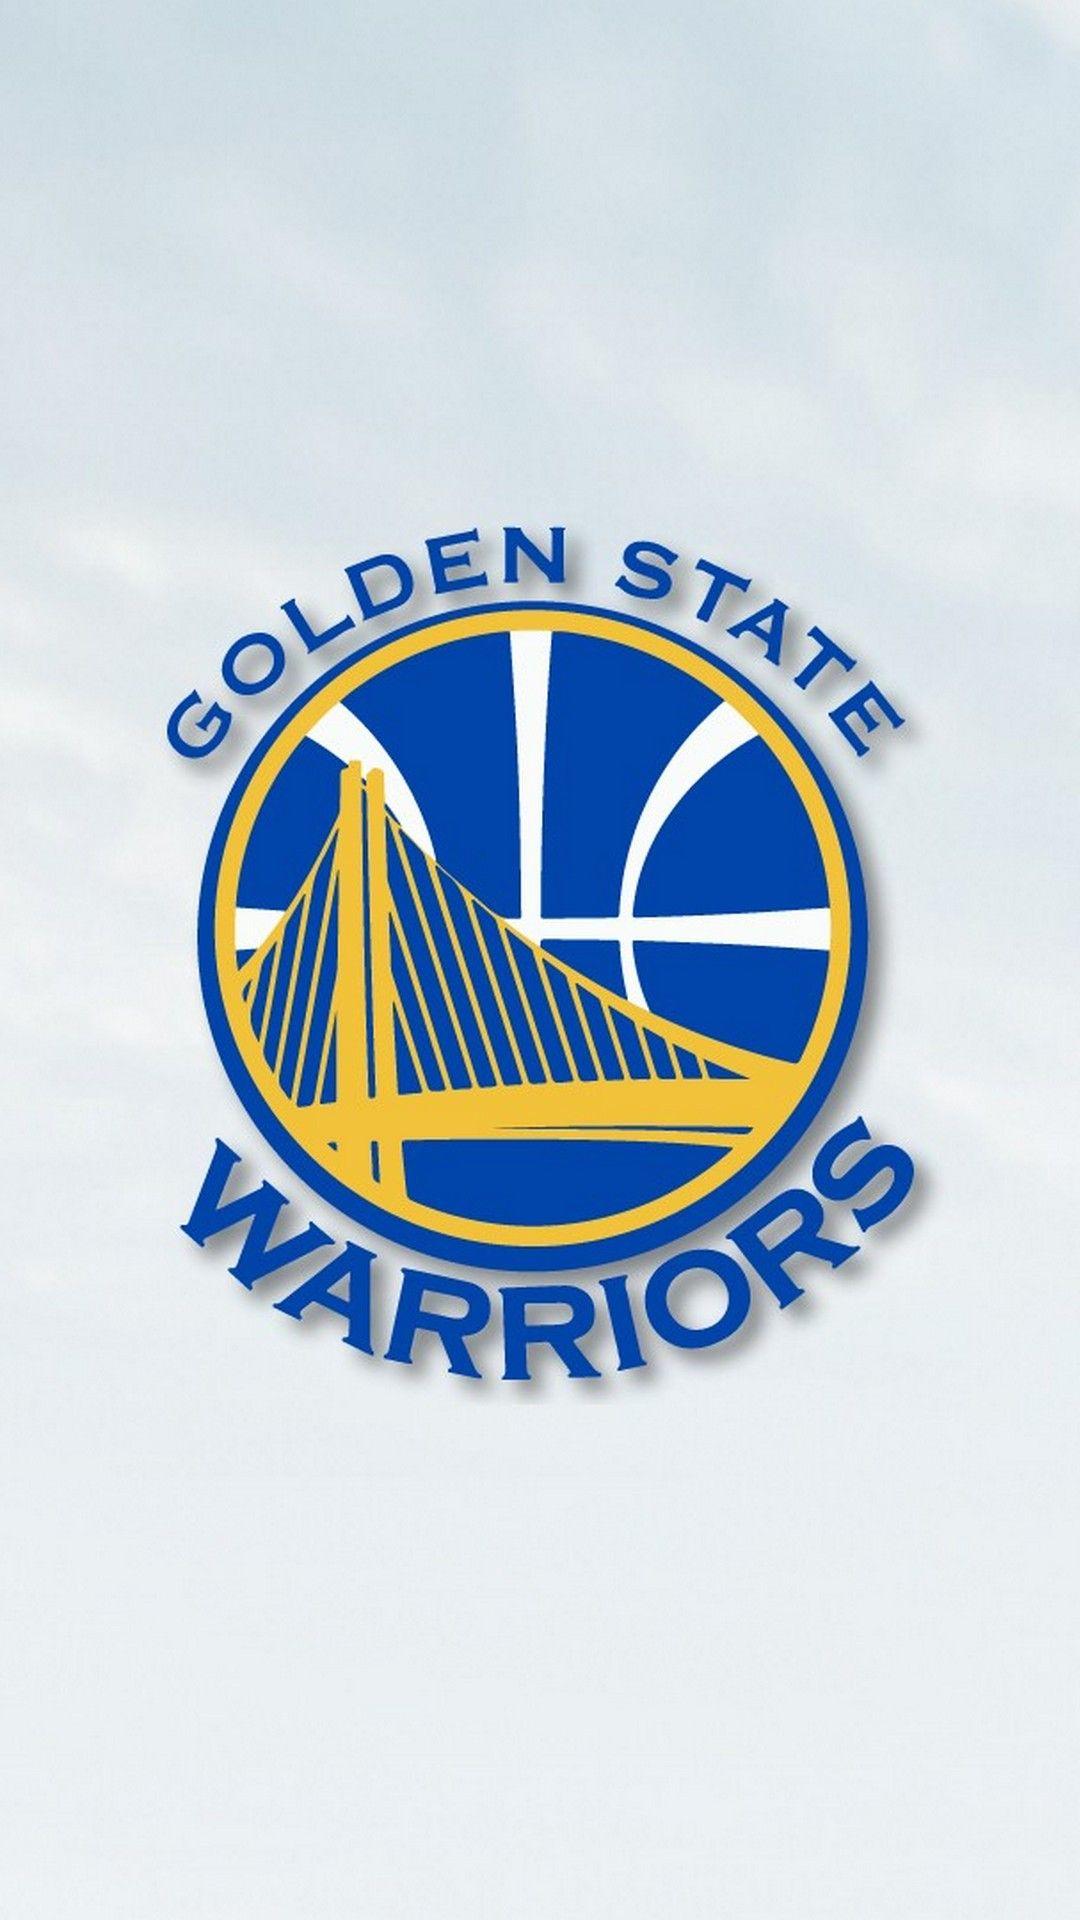 Golden State Warriors Iphone X Wallpaper Best Wallpaper Hd